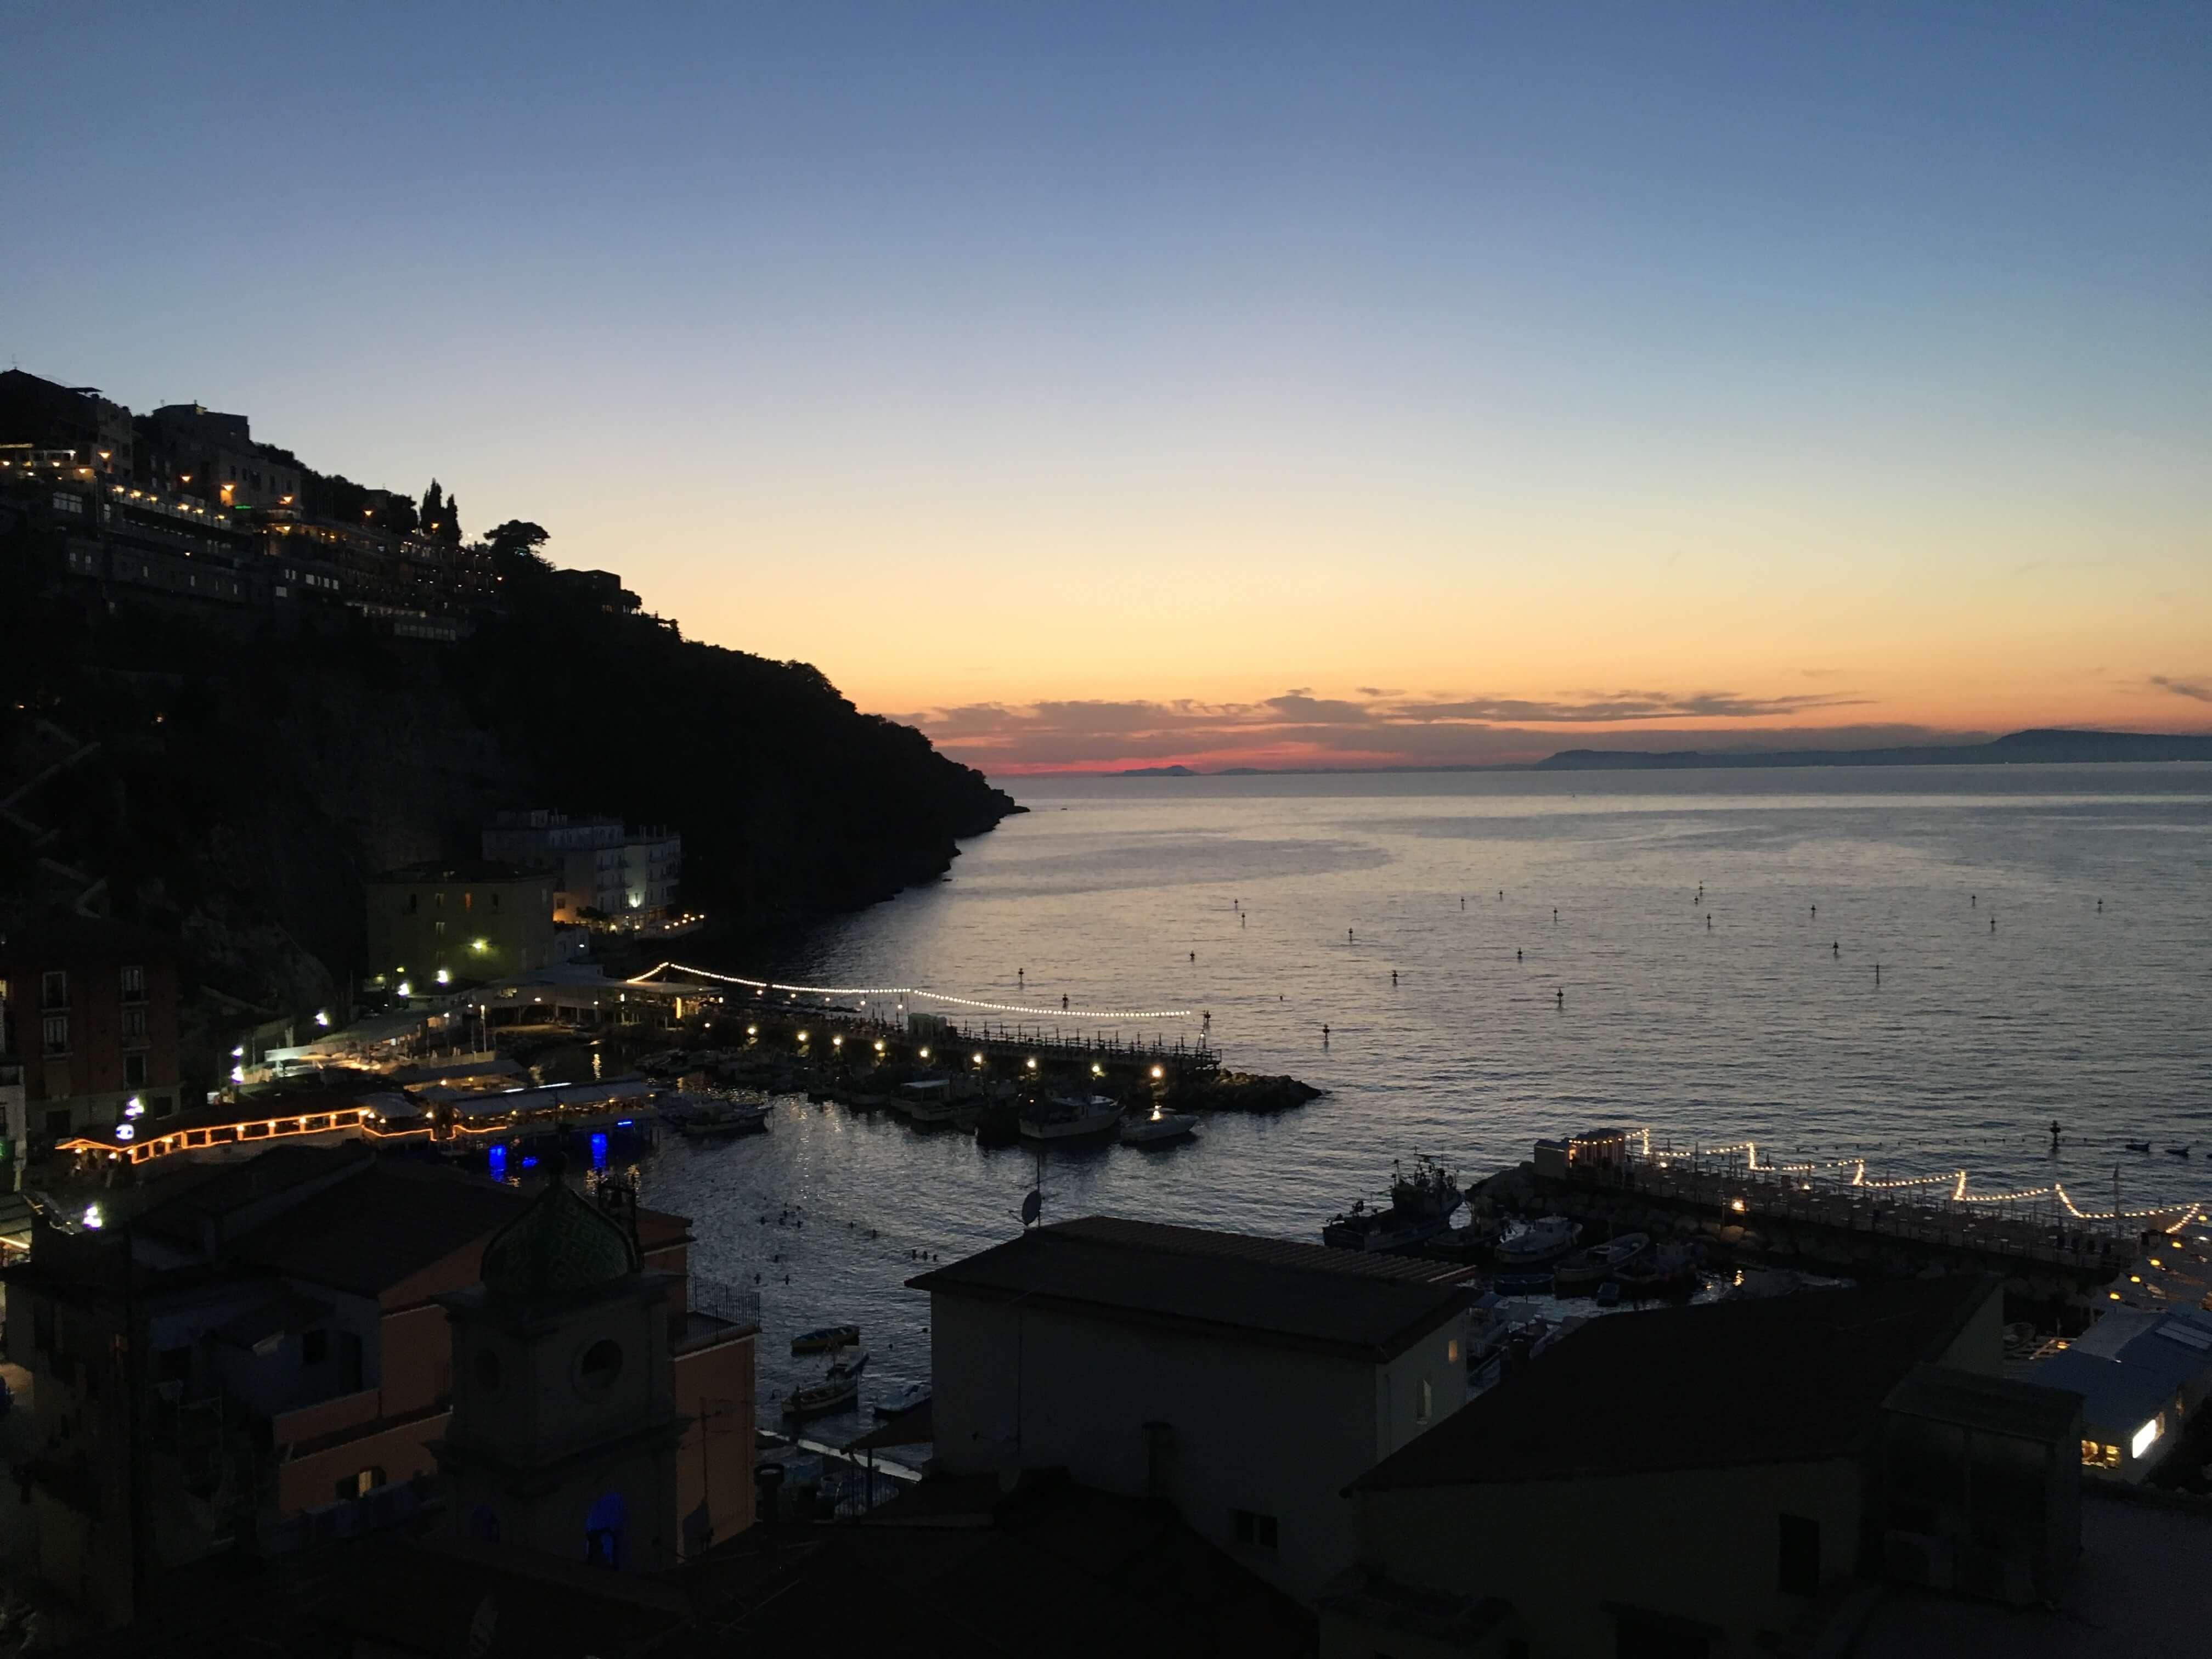 Sunset on the Amalfi Coast of Italy